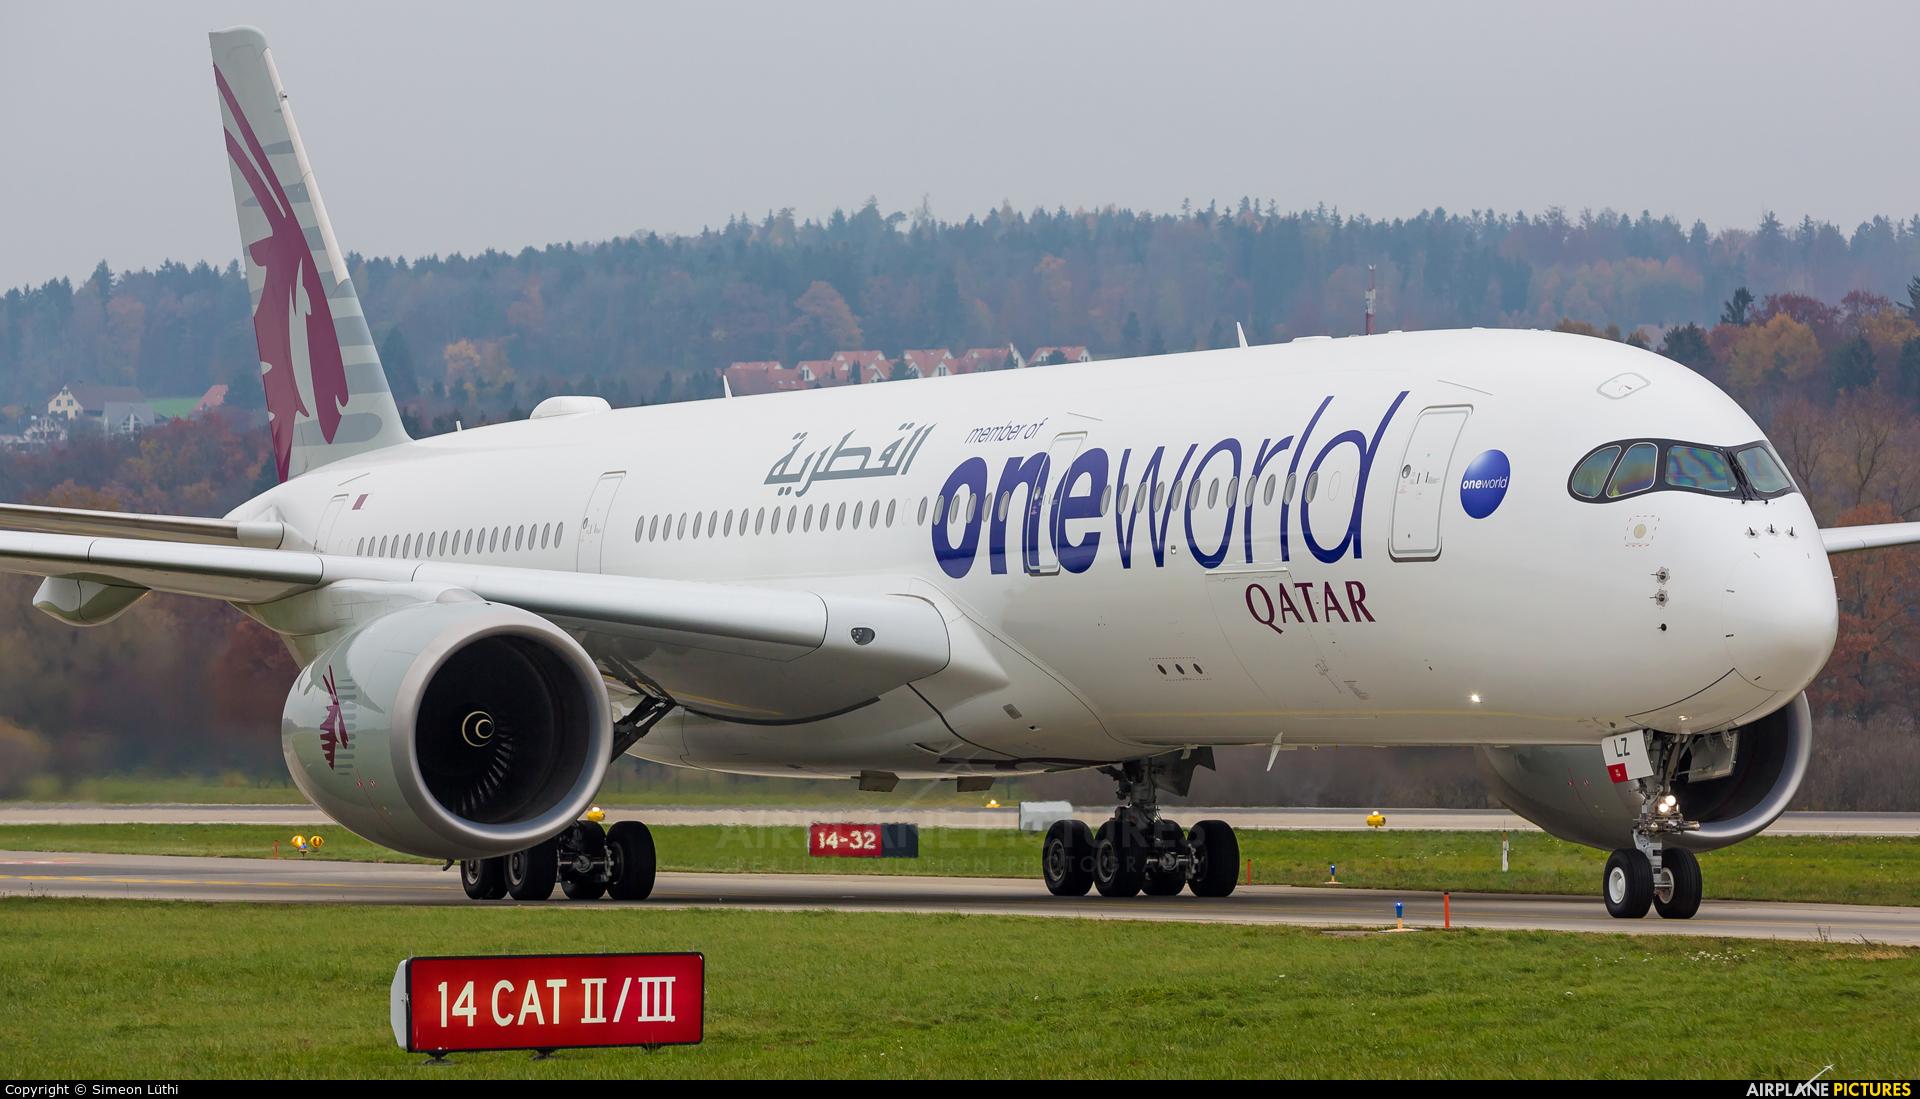 Qatar Airways A7-ALZ aircraft at Zurich